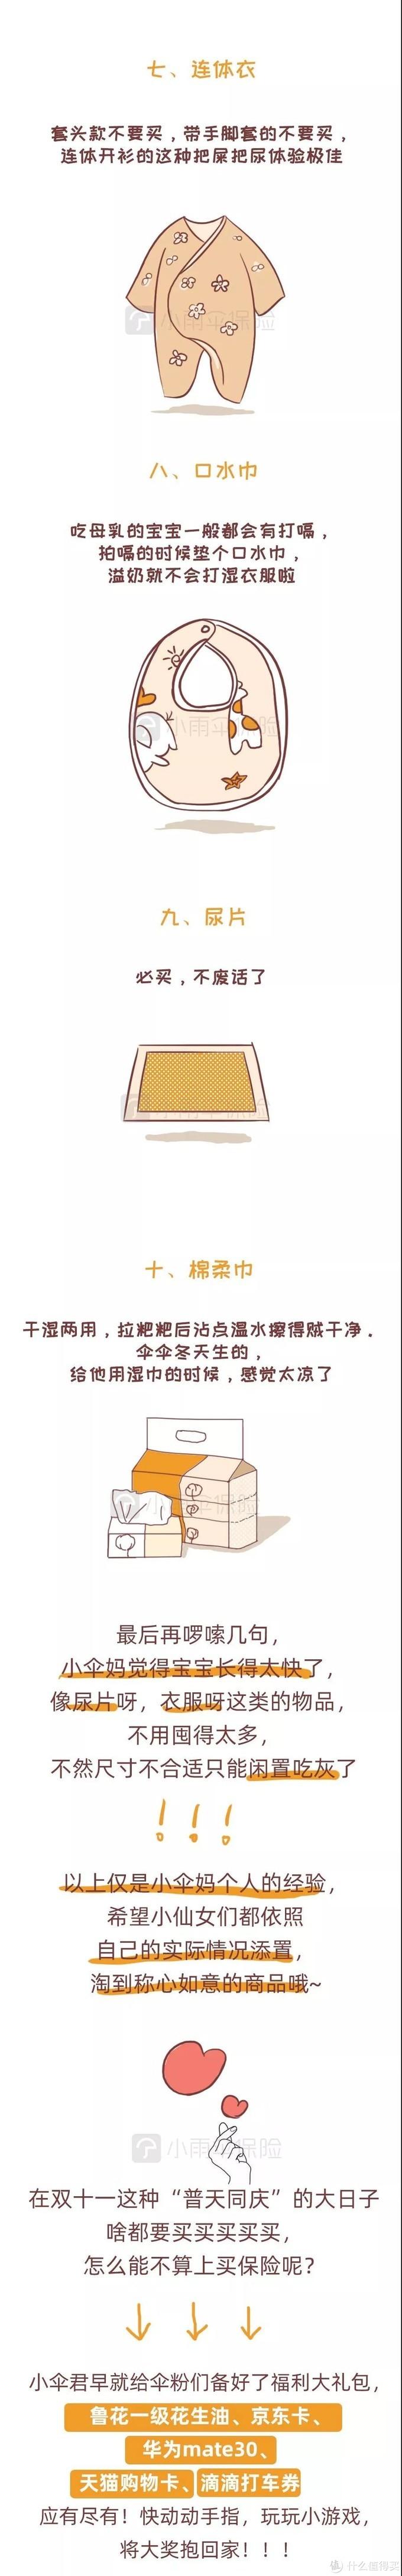 双十一,待产包超强攻略!!!